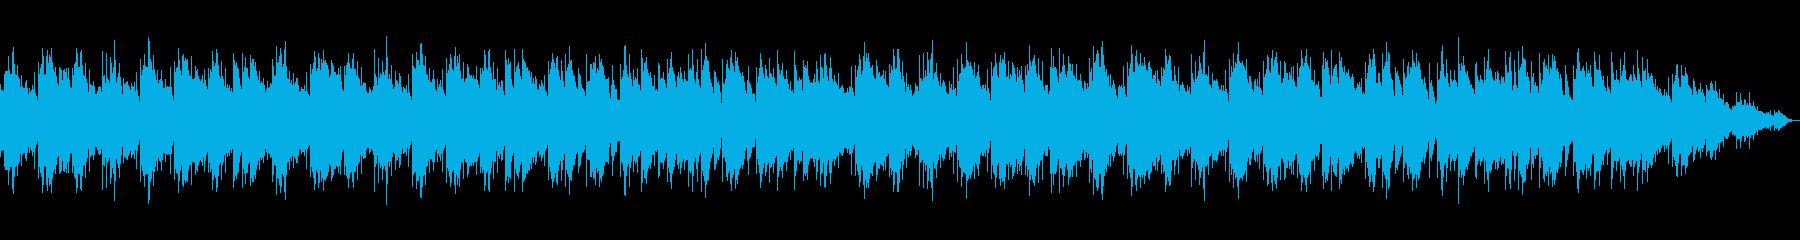 癒される雰囲気のオルゴールBGMの再生済みの波形